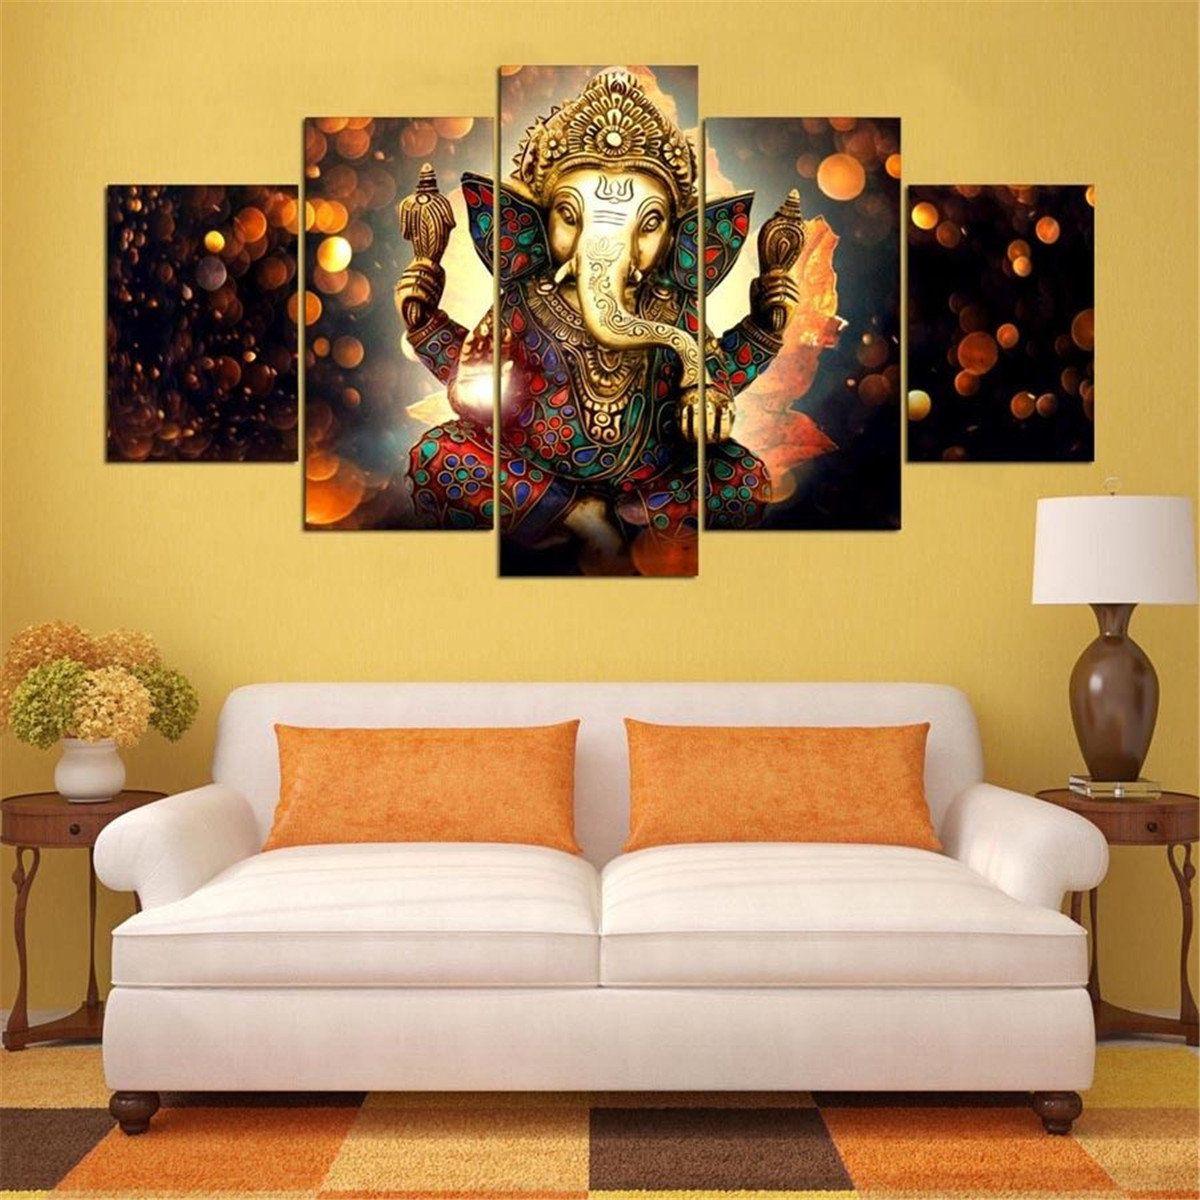 5Pcs Ganesha Painting Abstract Print Modern Canvas Wall Art Poster ...